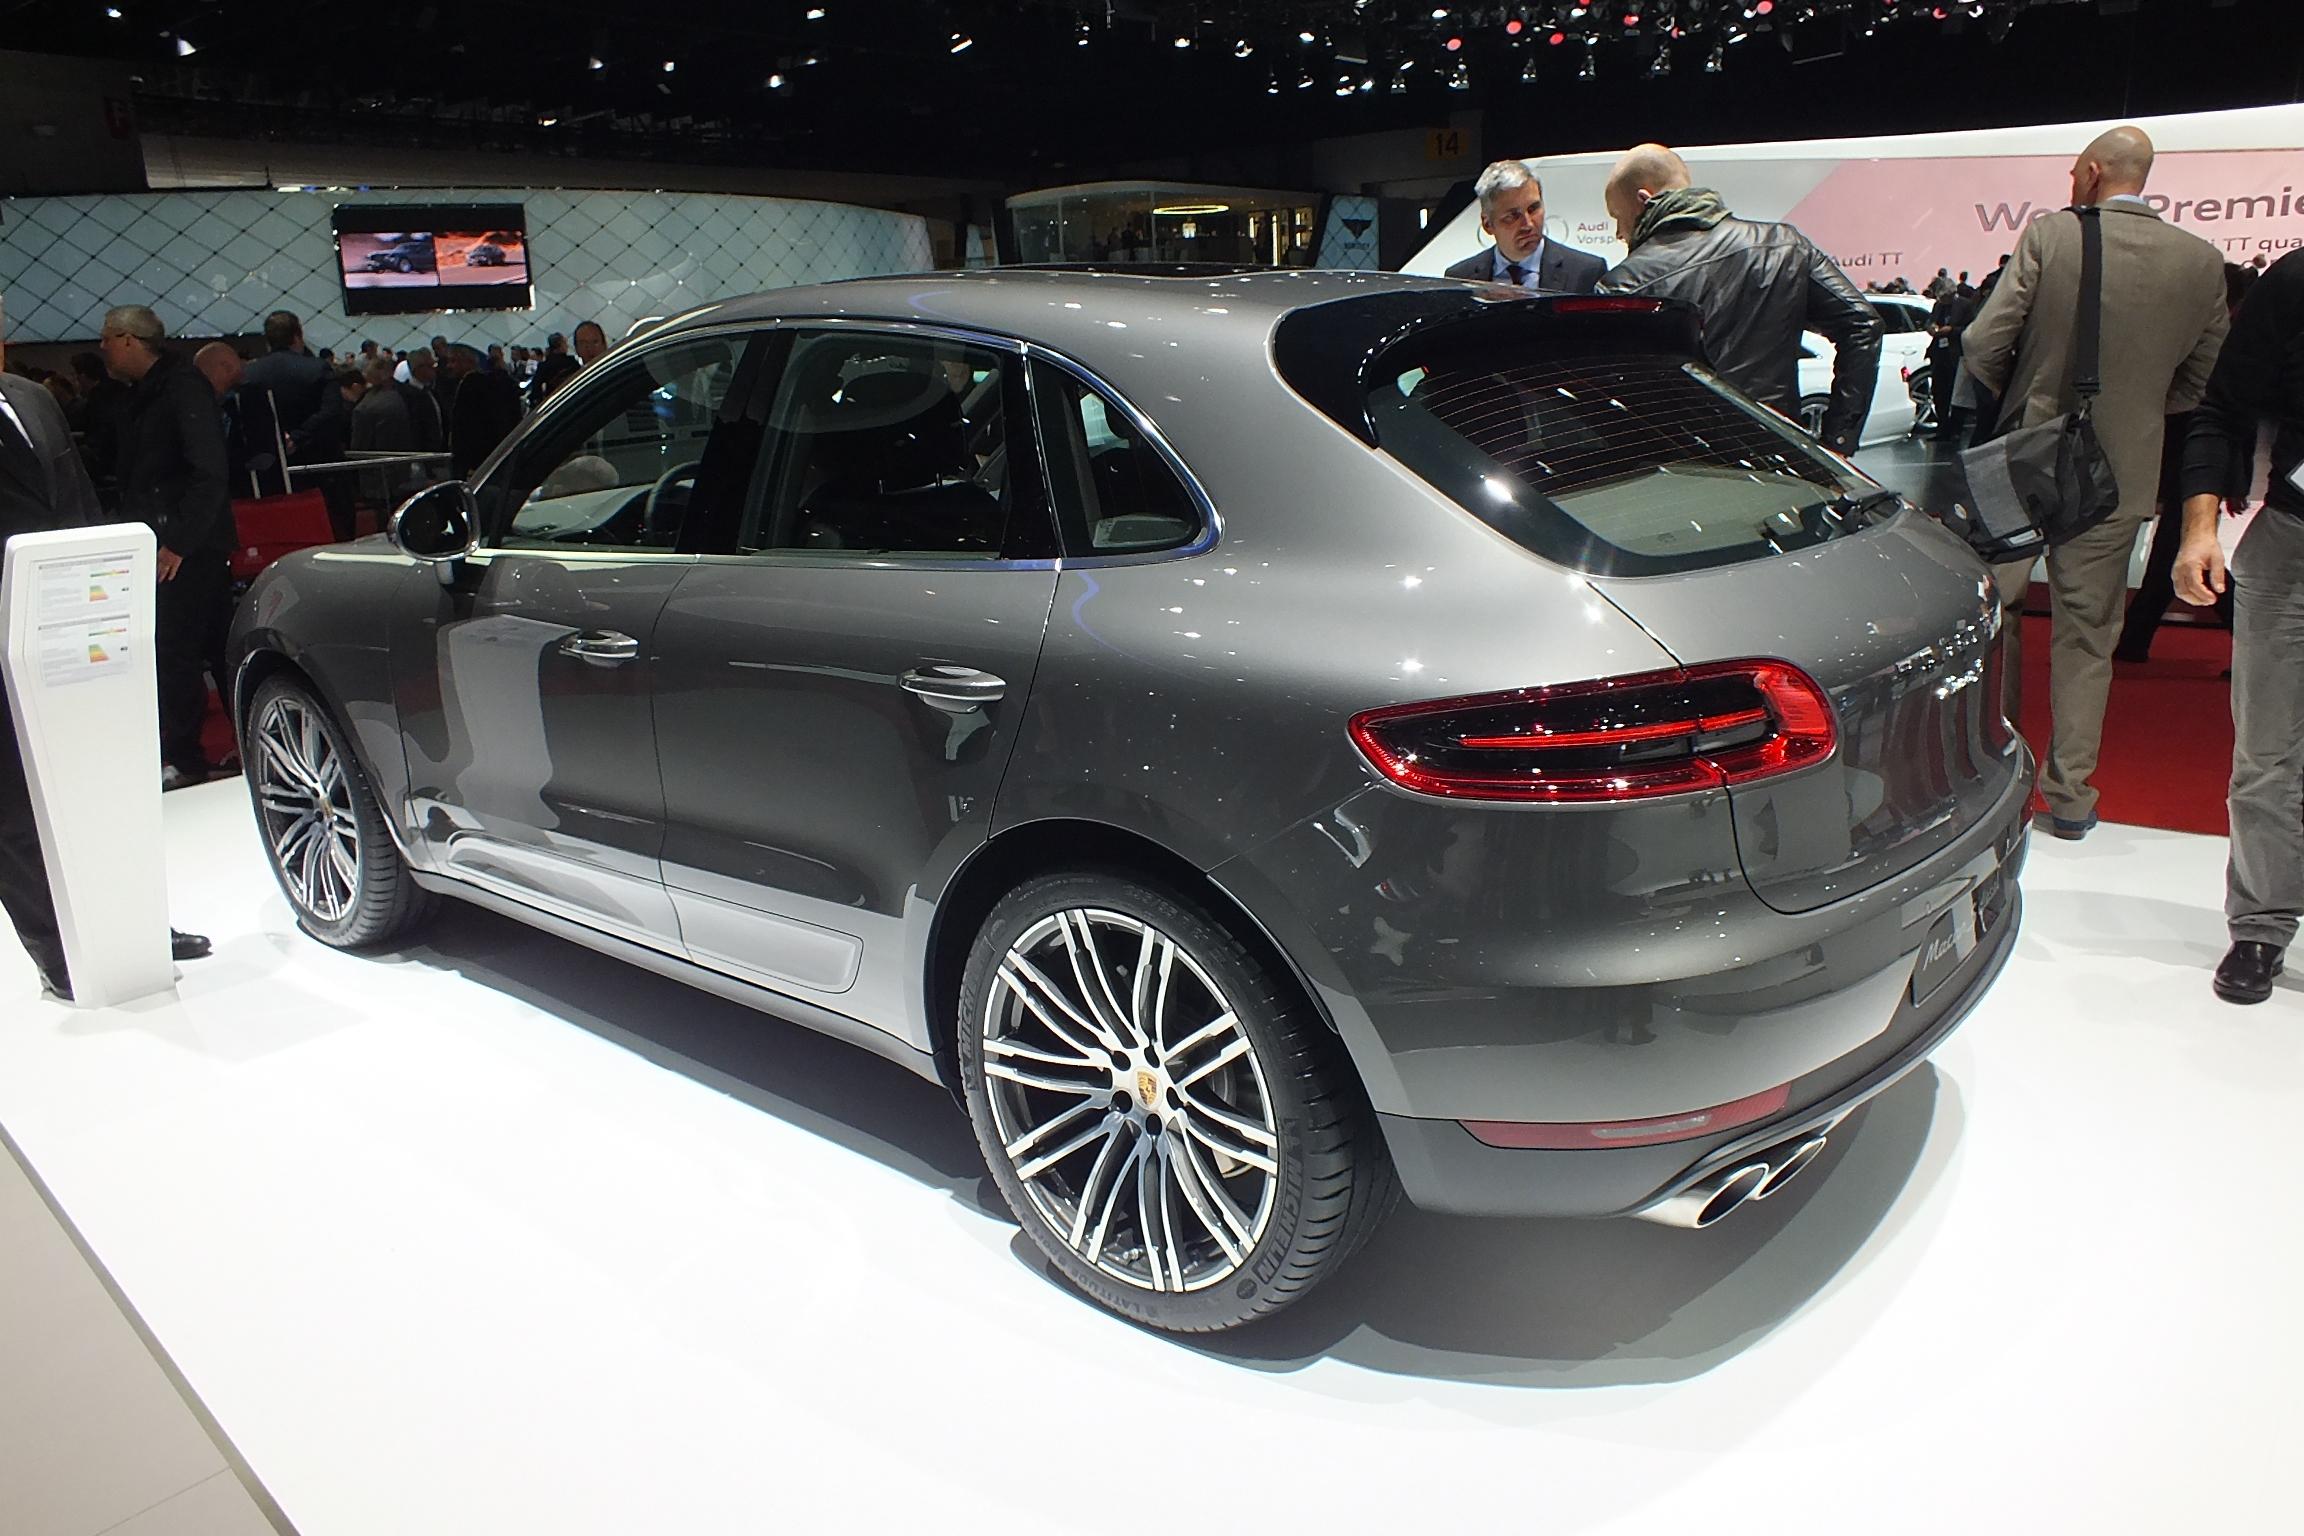 http://images.caradisiac.com/images/2/8/2/2/92822/S0-En-direct-de-Geneve-2014-Porsche-Macan-ambitieux-315997.jpg